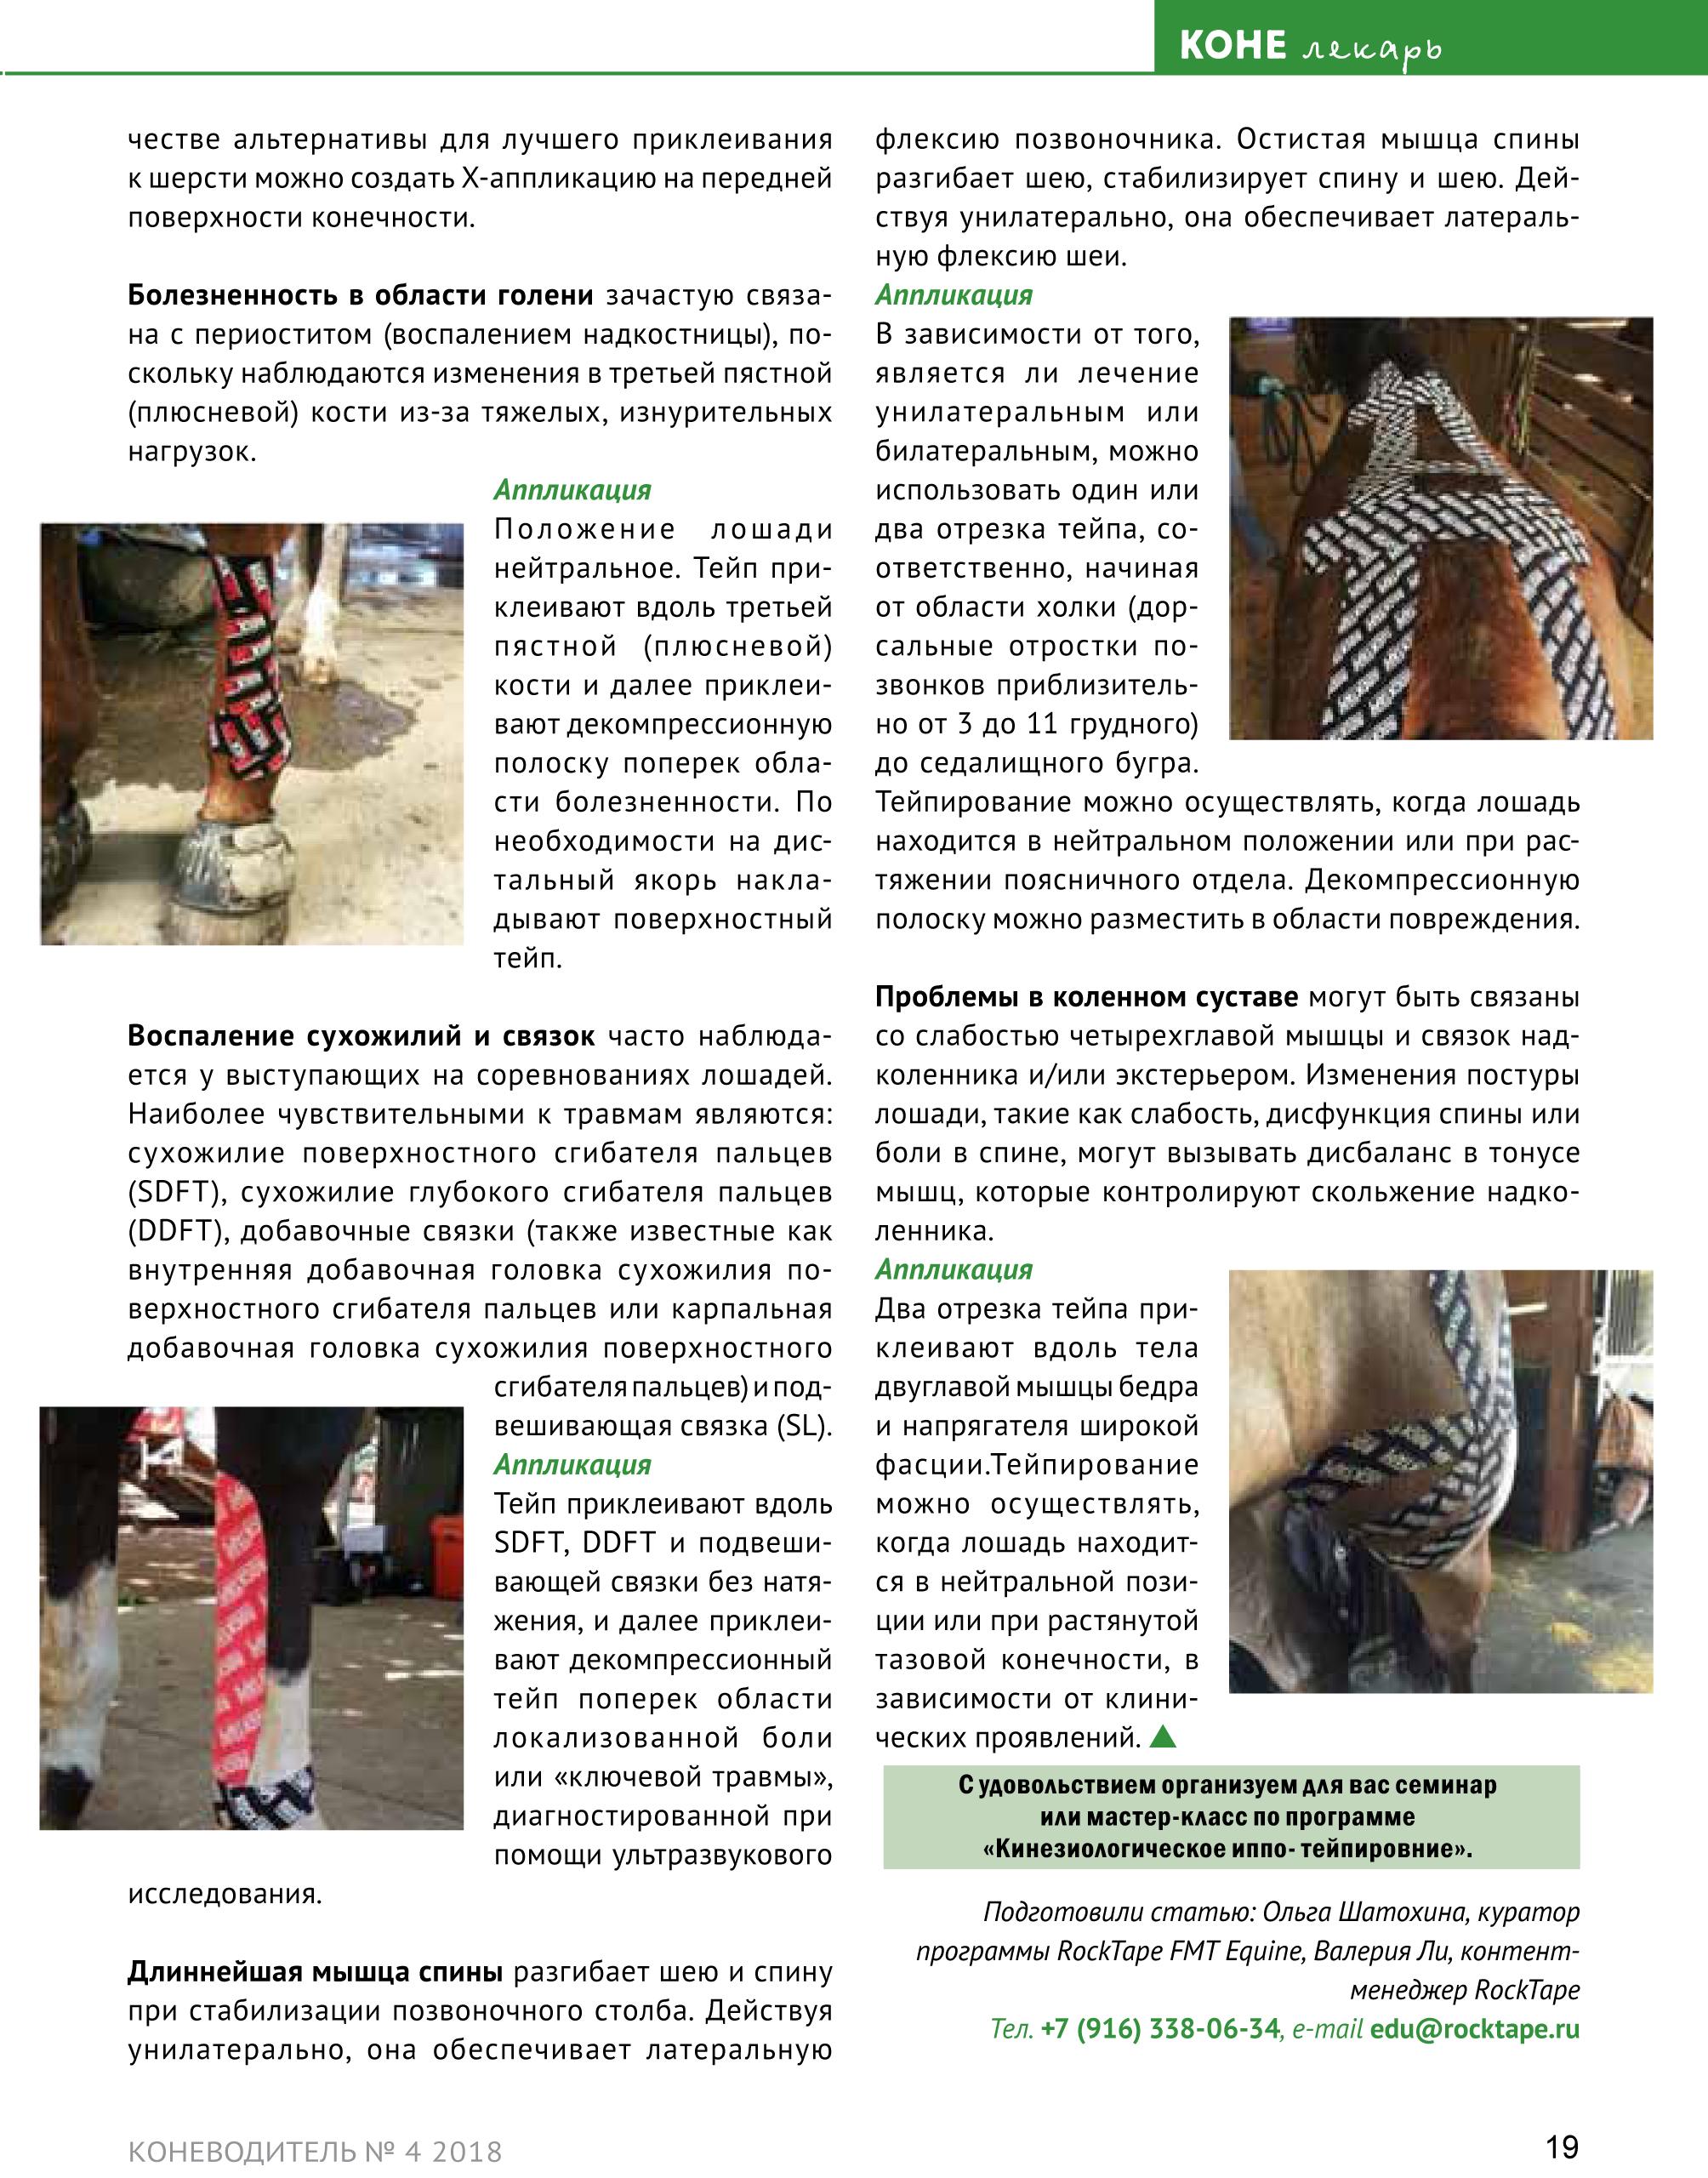 Book КОНЕВОДИТЕЛЬ 4_ proof-19